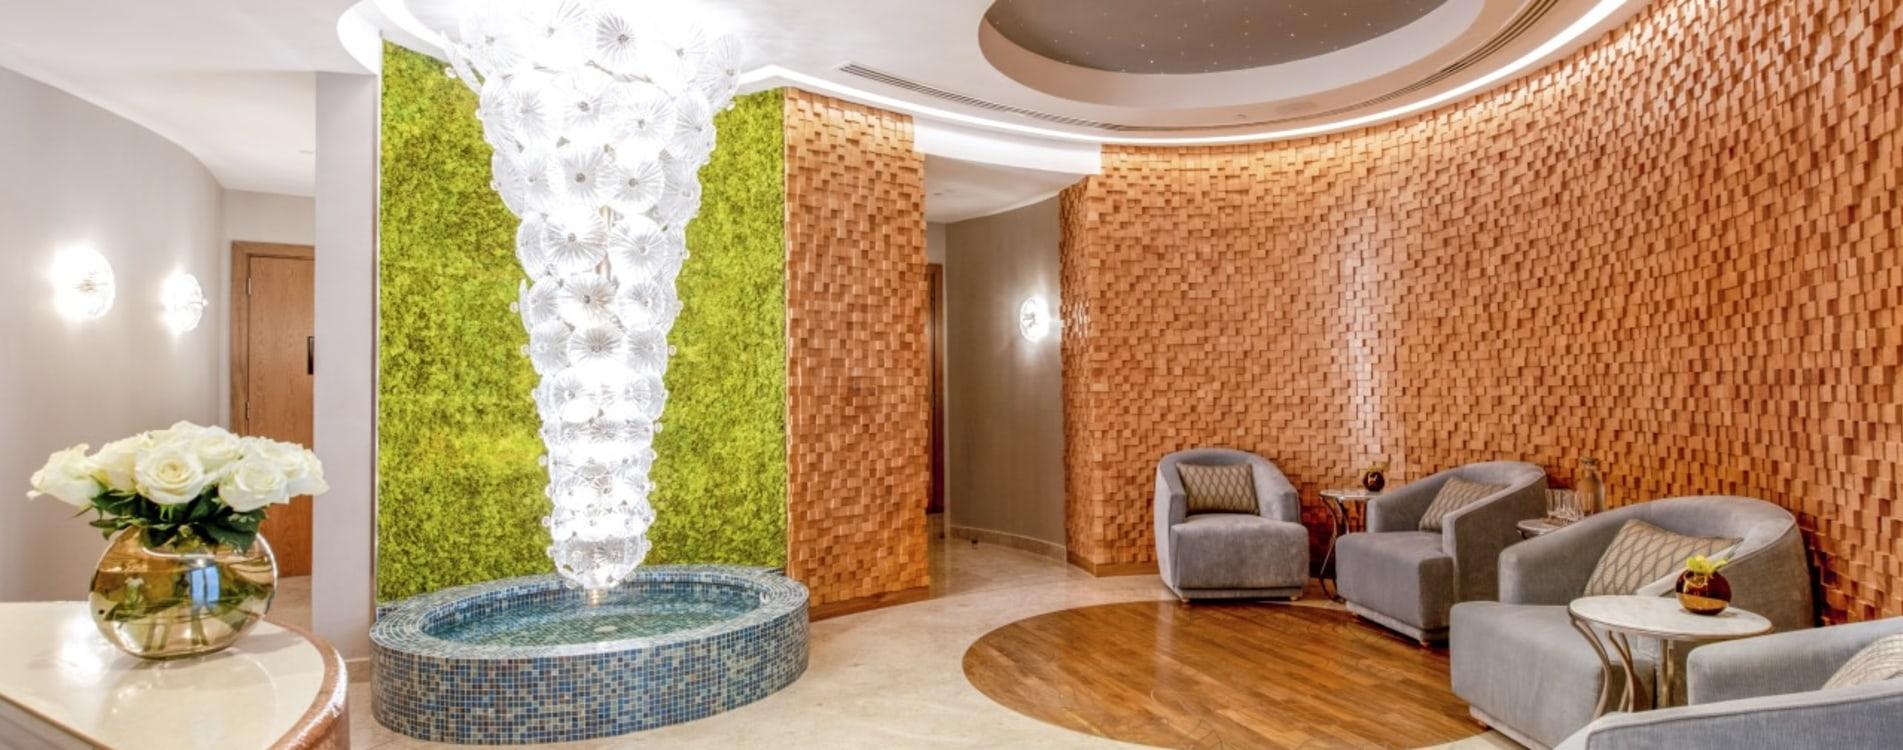 Kempinski-Hotel-Muscat-the Spa-Rezeption-Oman.jpg